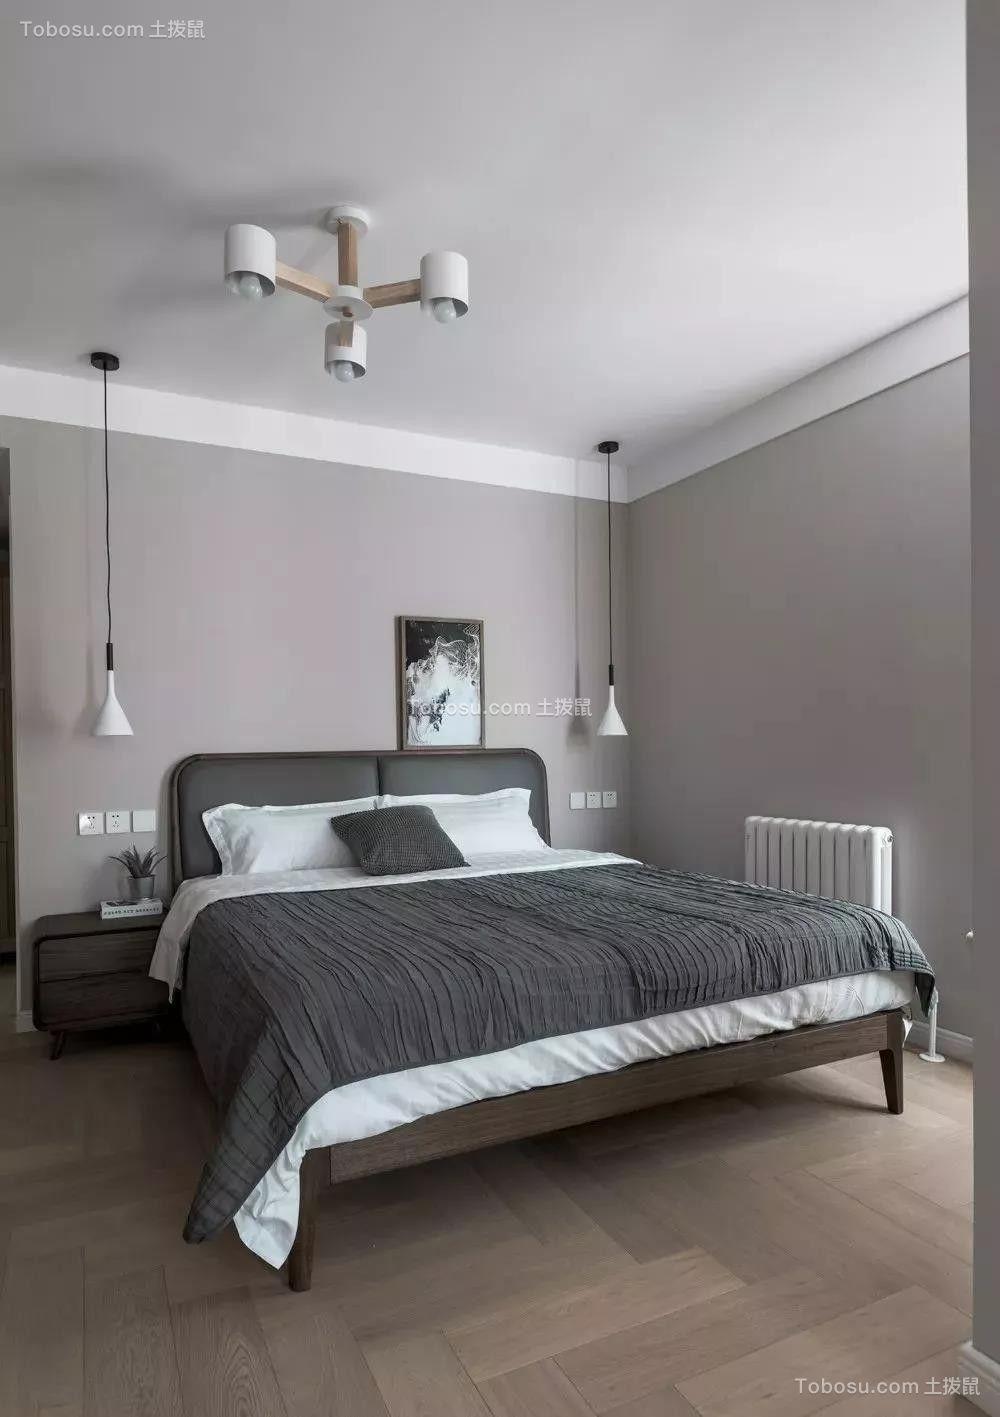 2021简欧卧室装修设计图片 2021简欧灯具装饰设计